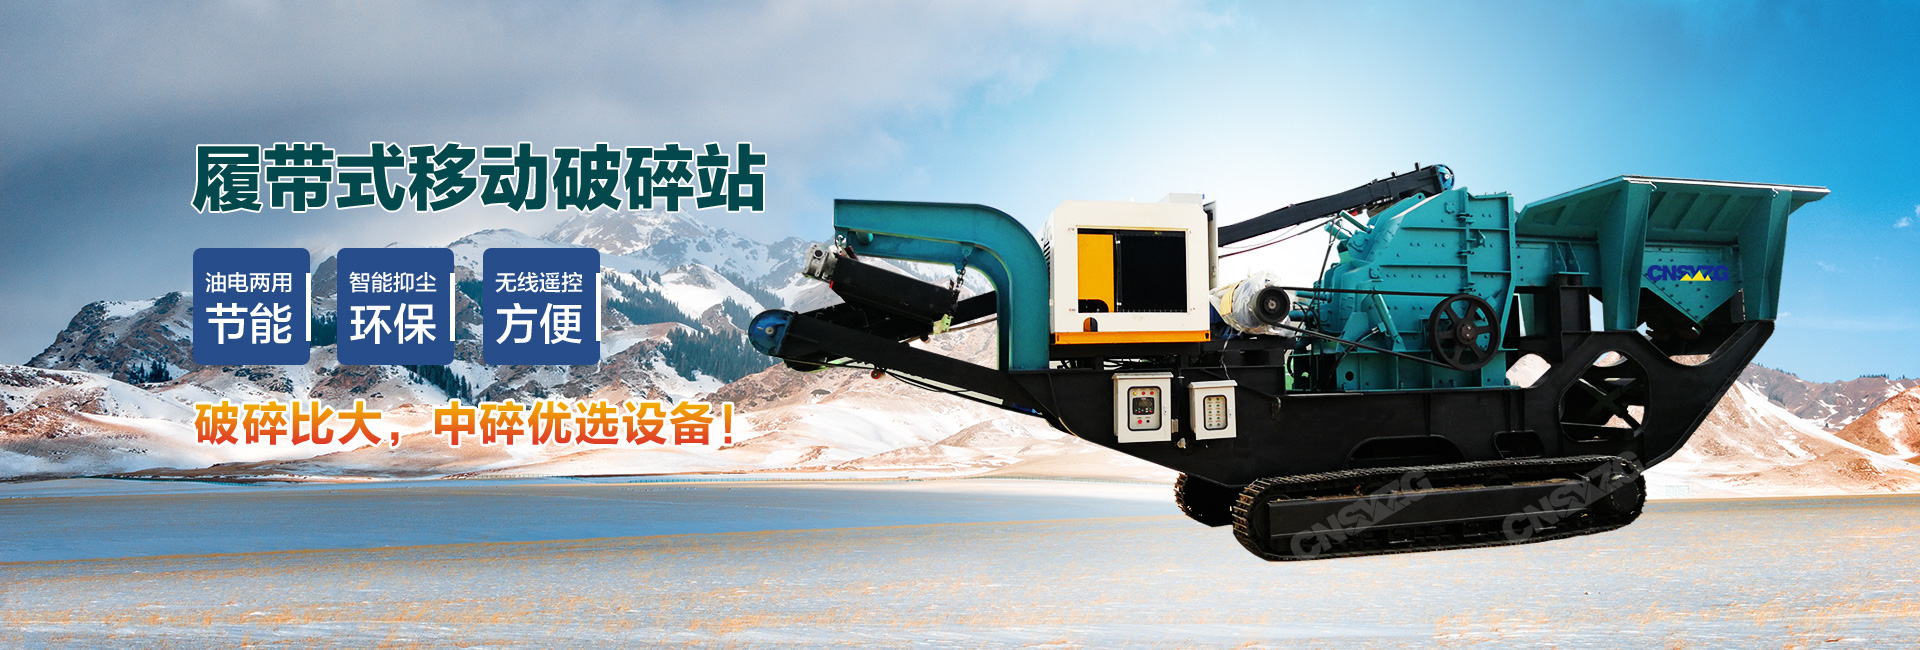 郑州双优重工机械有限公司